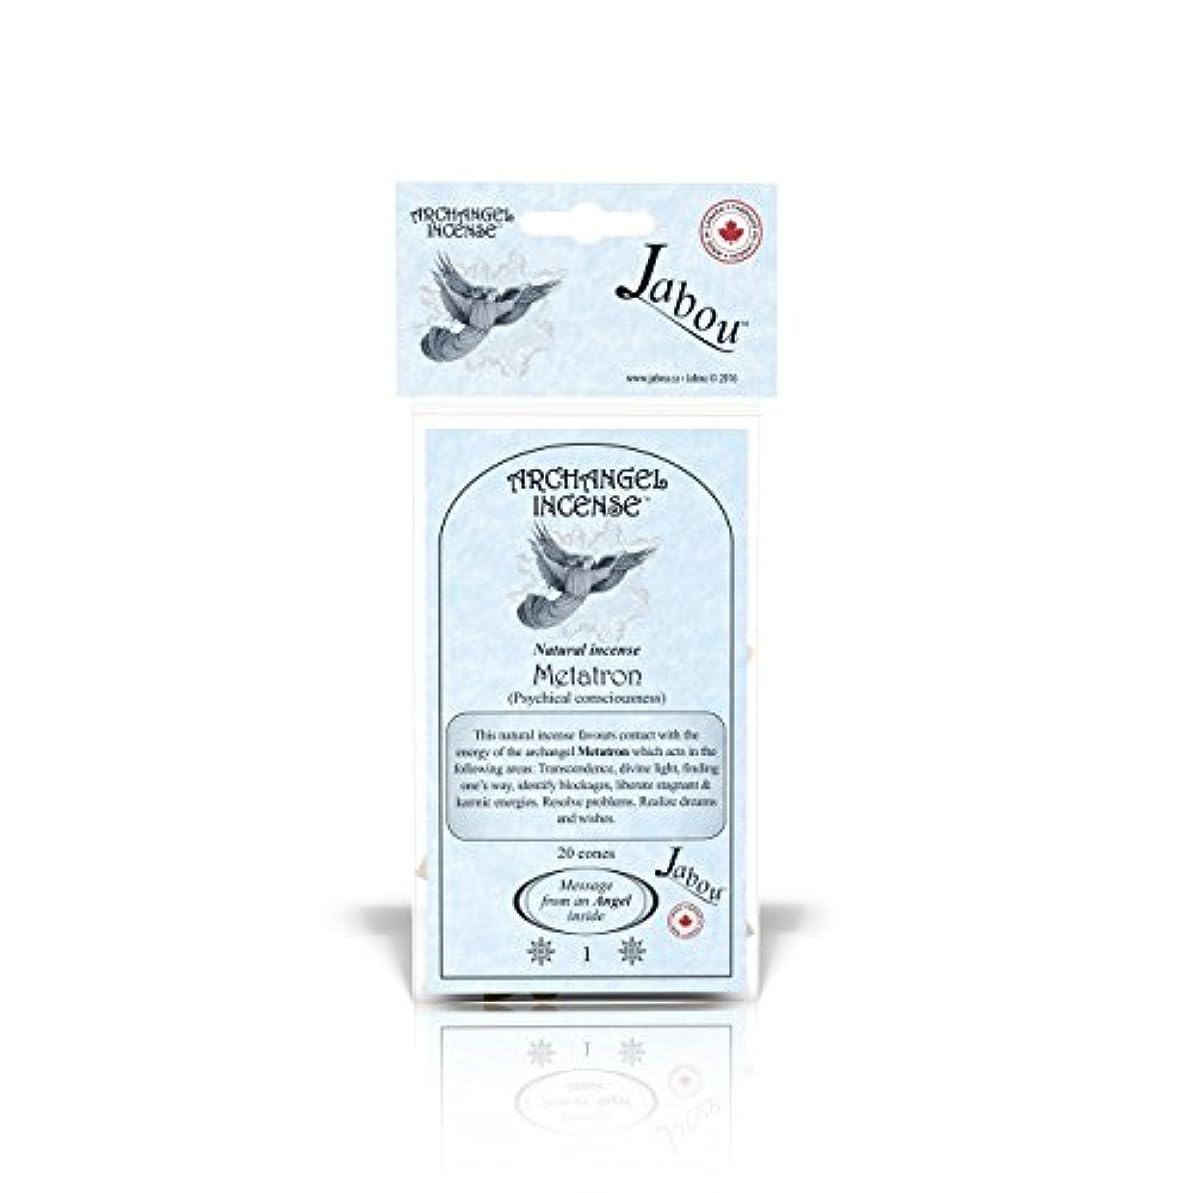 の間で文房具活気づけるJabou 大天使 100%天然お香 コーン - 12個の香り - 瞑想 ヨガ リラクゼーション マジック ヒーリング 祈り 儀式 - 20個のコーン - 各30分以上持続